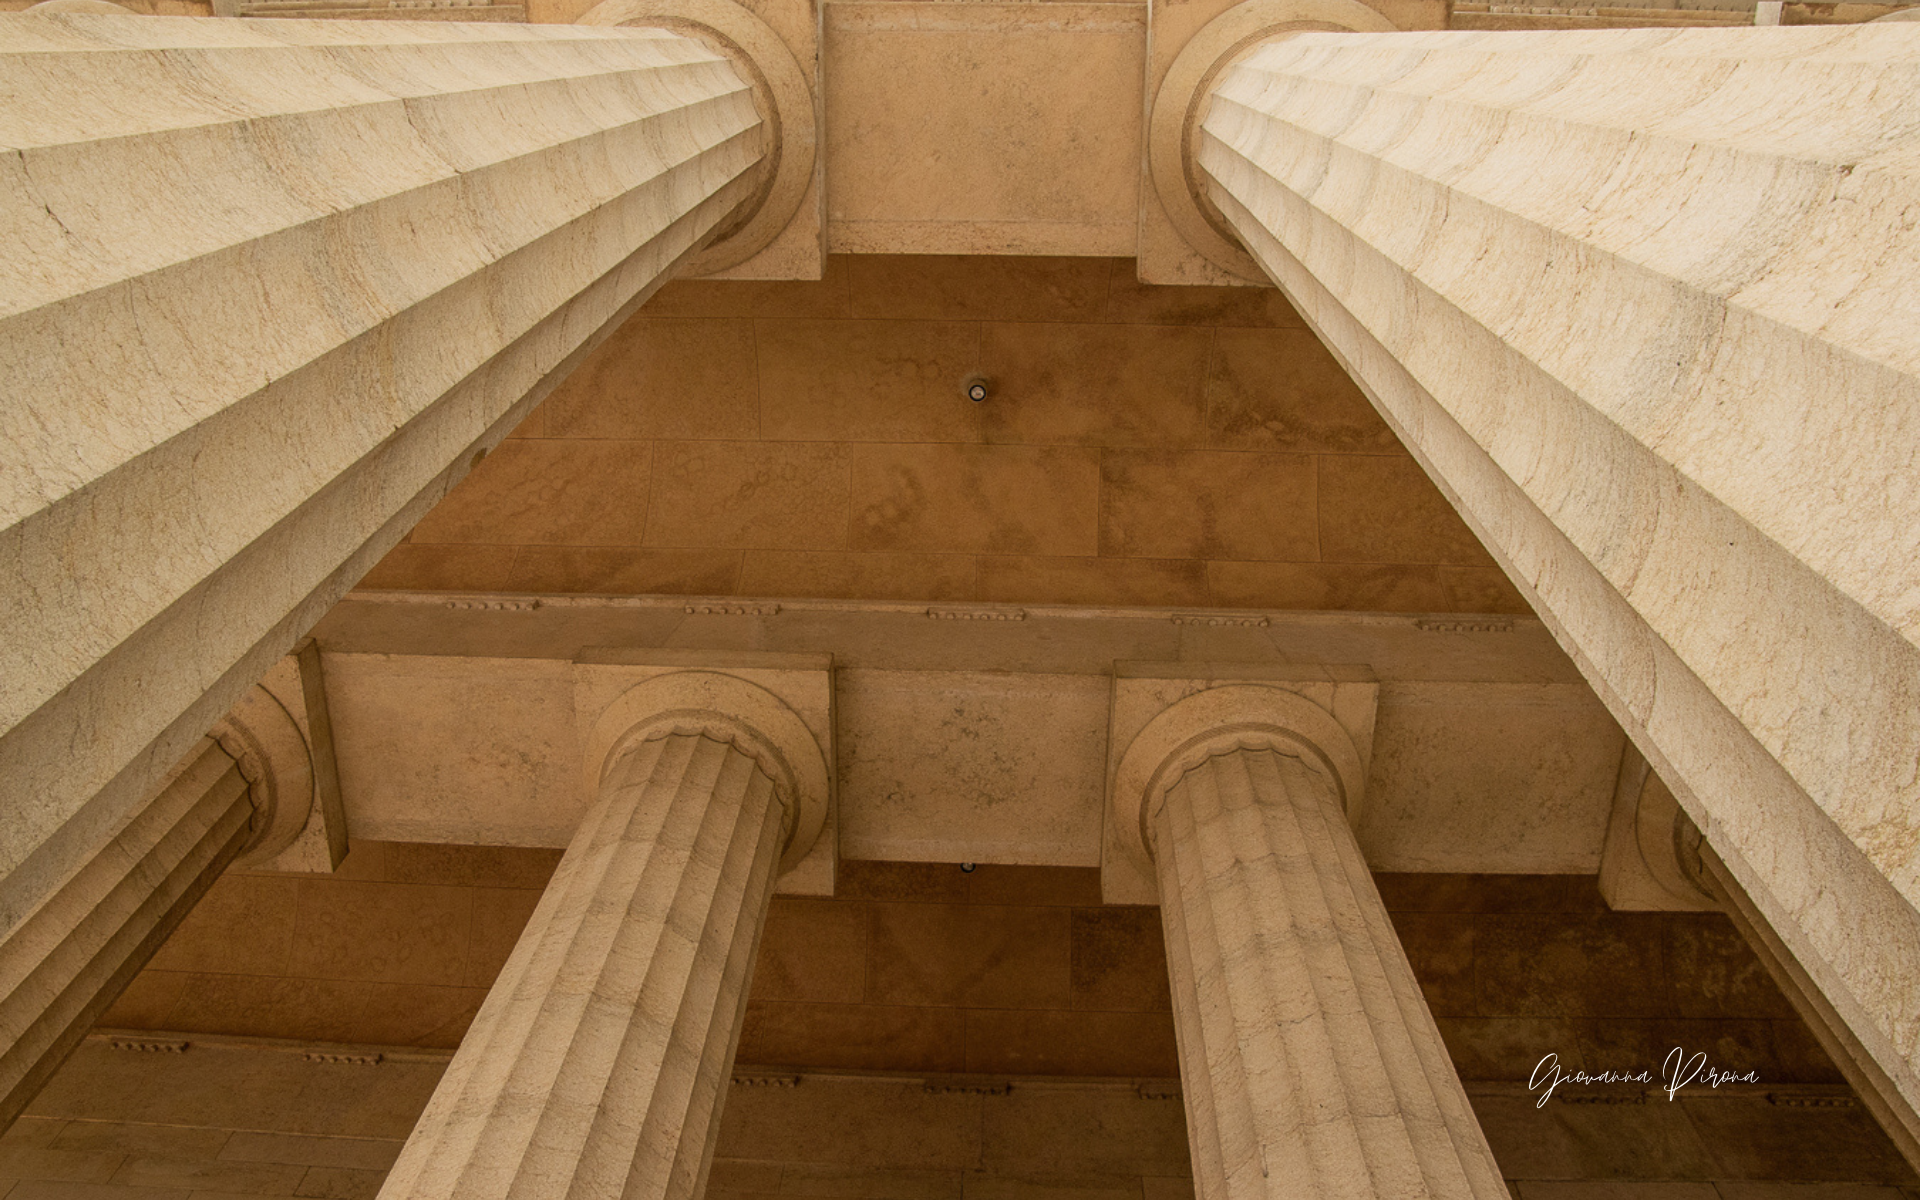 Colonne del Tempio di Canova a Possagno